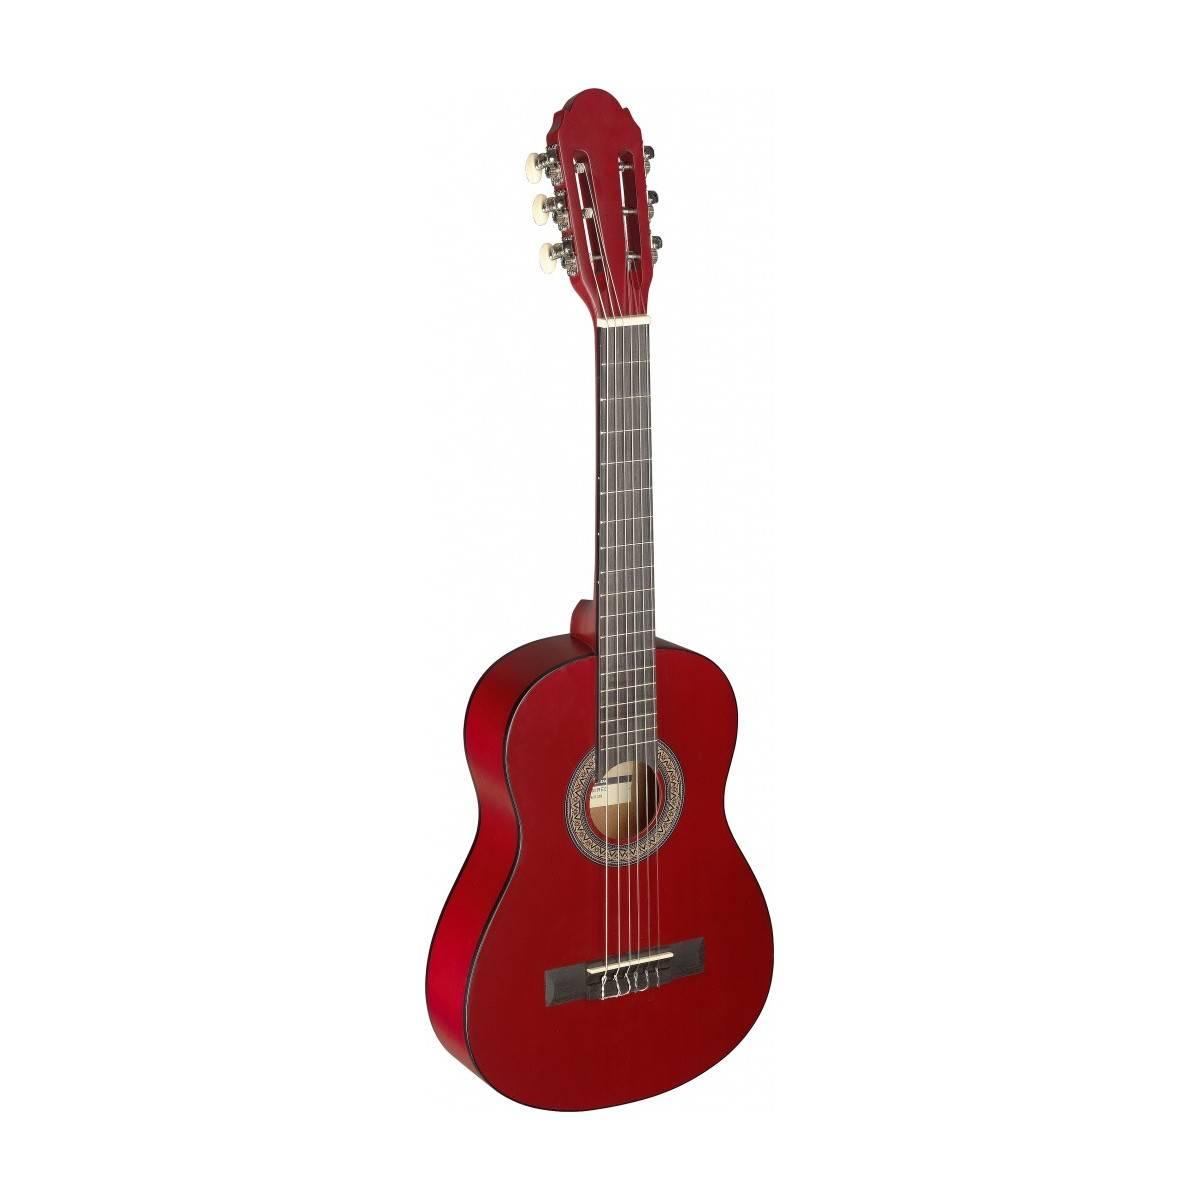 guitare classique enfant guitare 1 4 rouge stagg guitare d butant instruments enfants. Black Bedroom Furniture Sets. Home Design Ideas